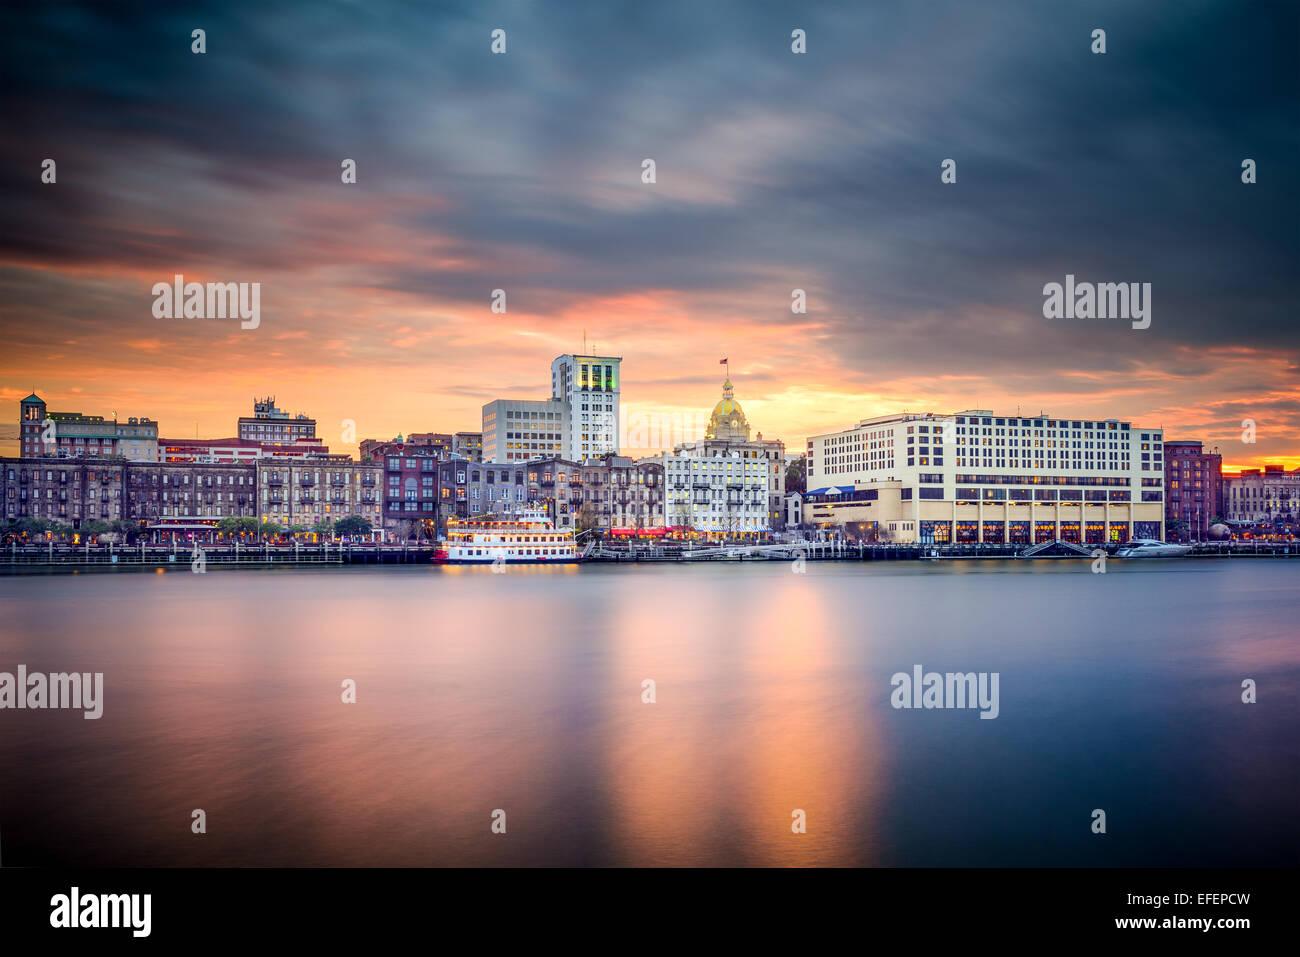 Savannah, Georgia, USA am Flussufer Skyline. Stockbild